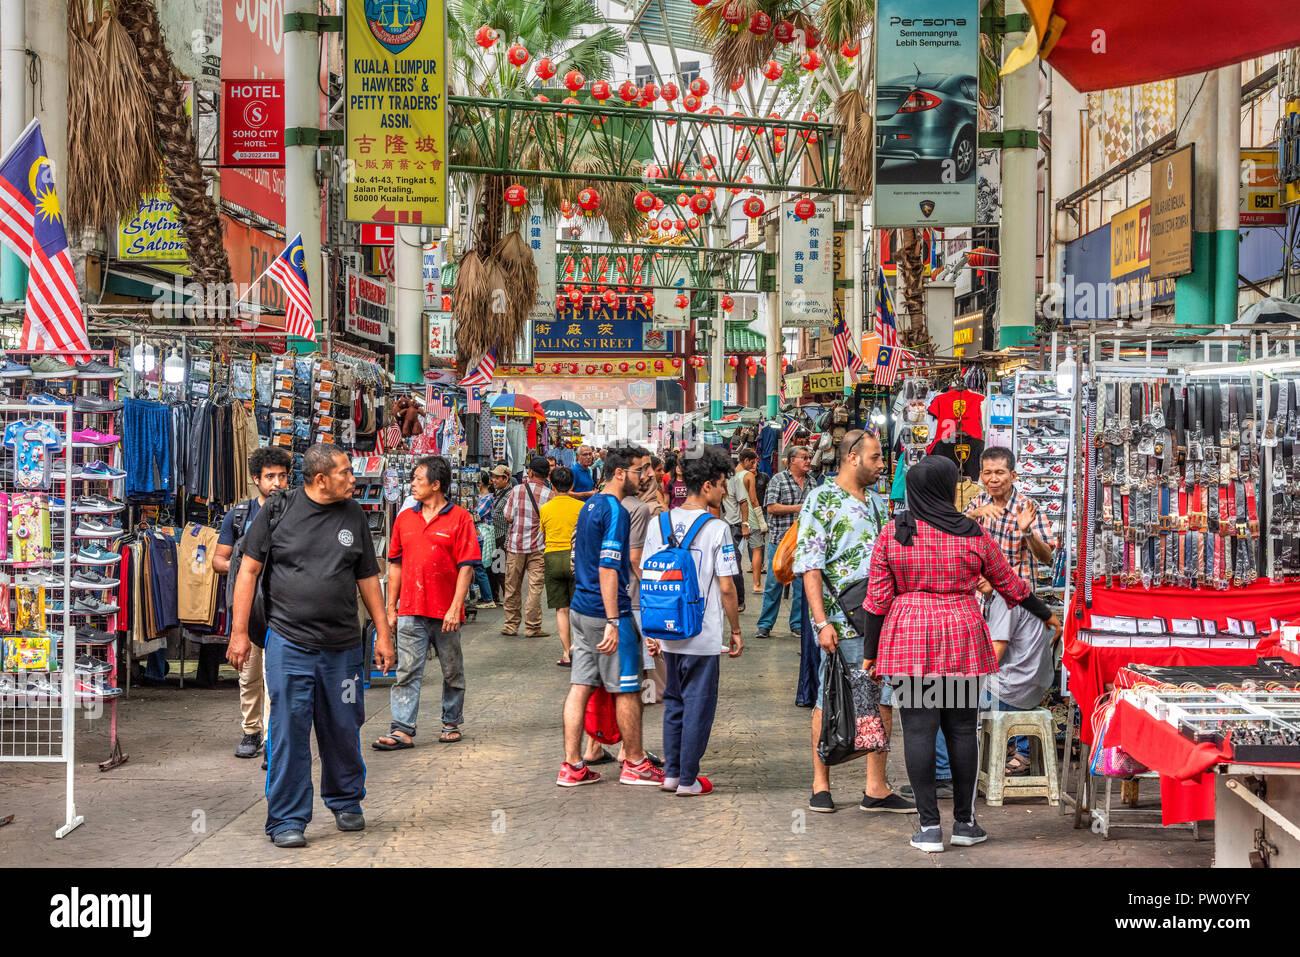 Petaling Street, Chinatown, Kuala Lumpur, Malaysia - Stock Image